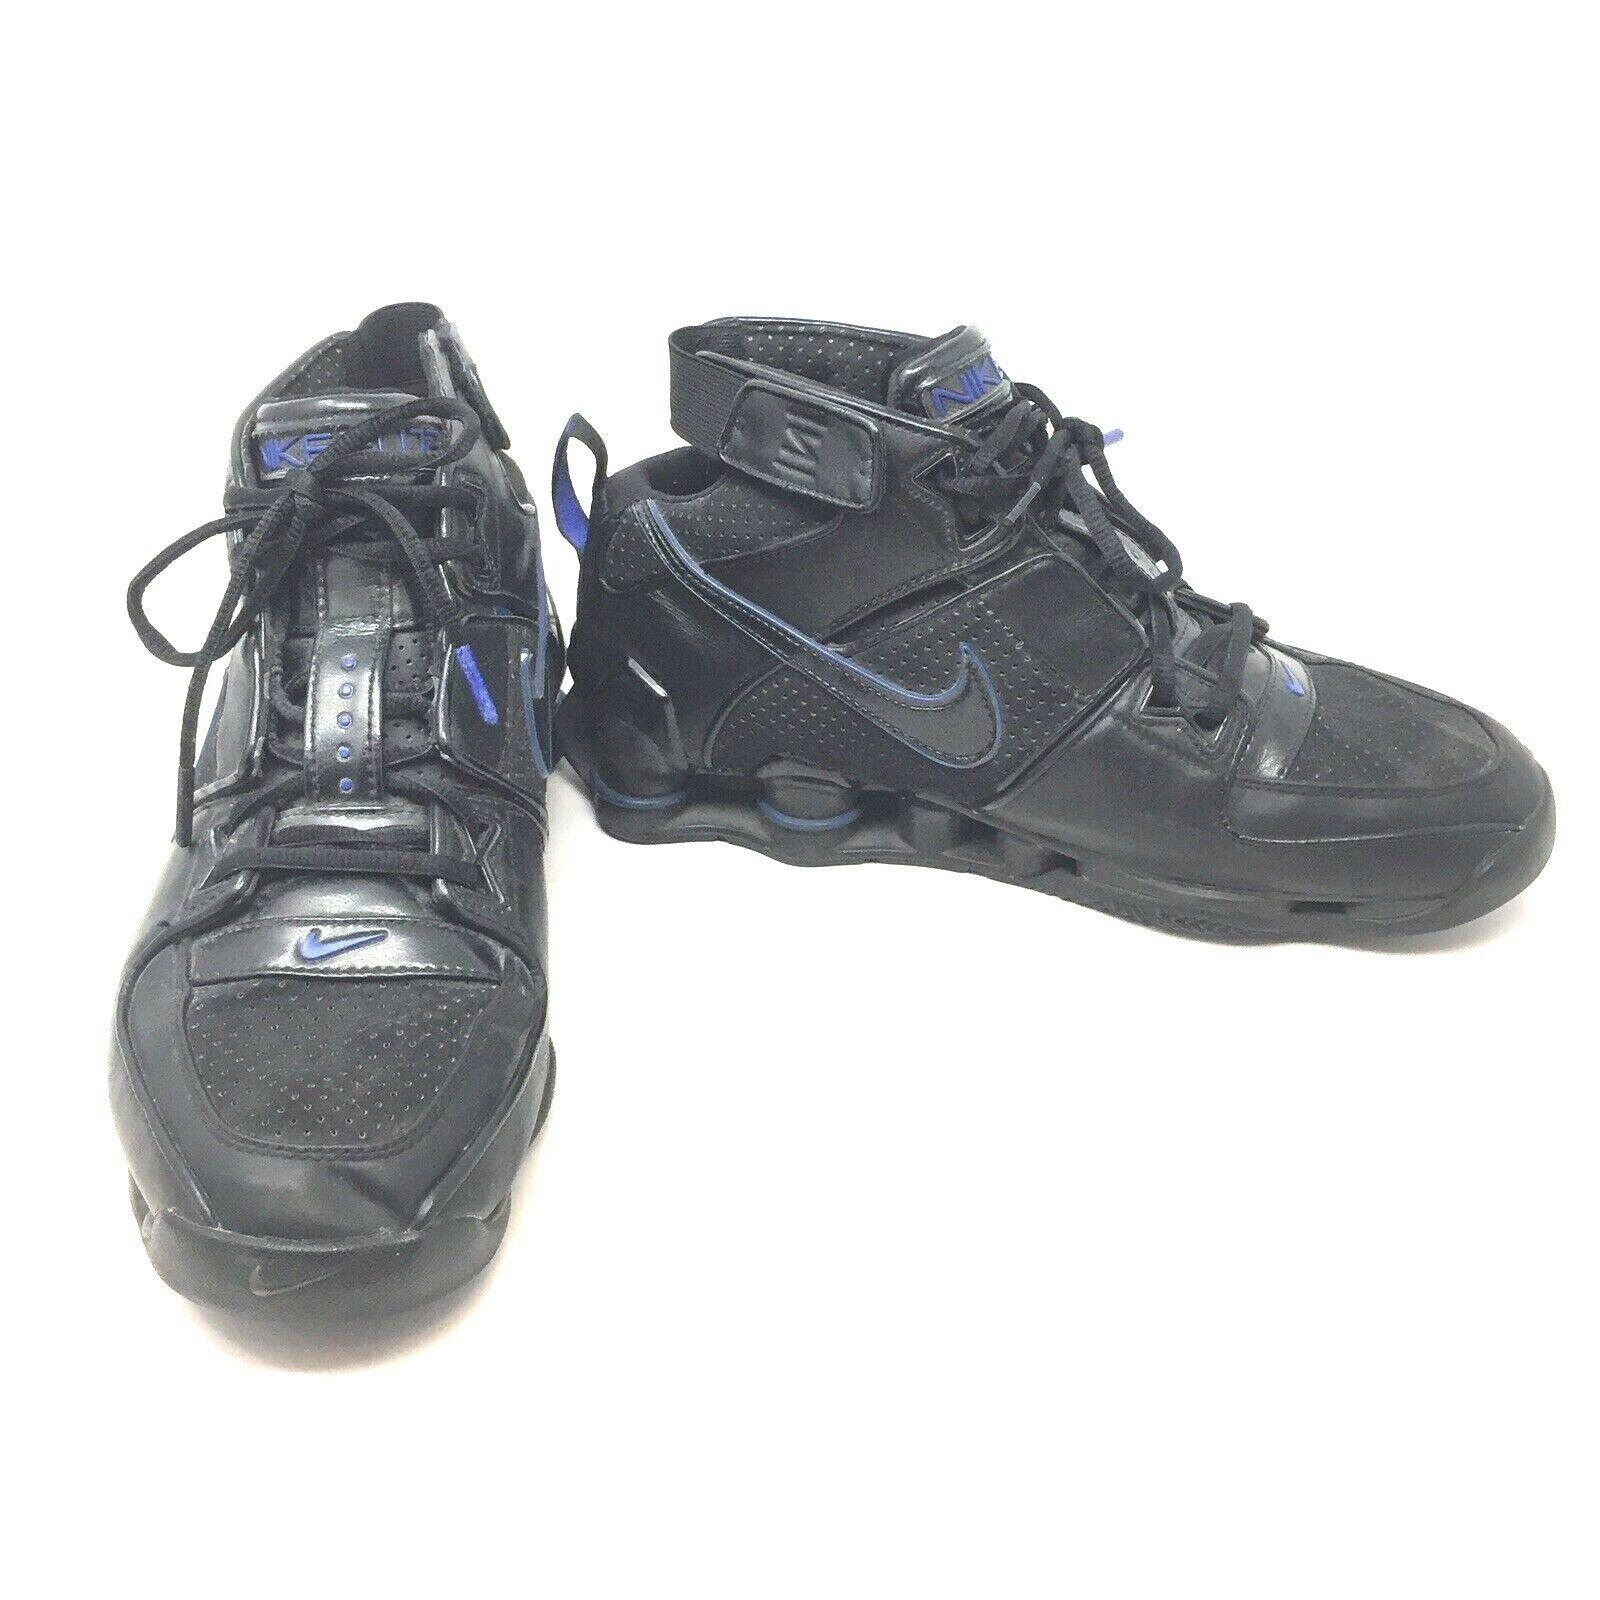 Nike Shox Elite TB 2004 Retro shoes Black bluee 10.5 310375 001 High Top 1B